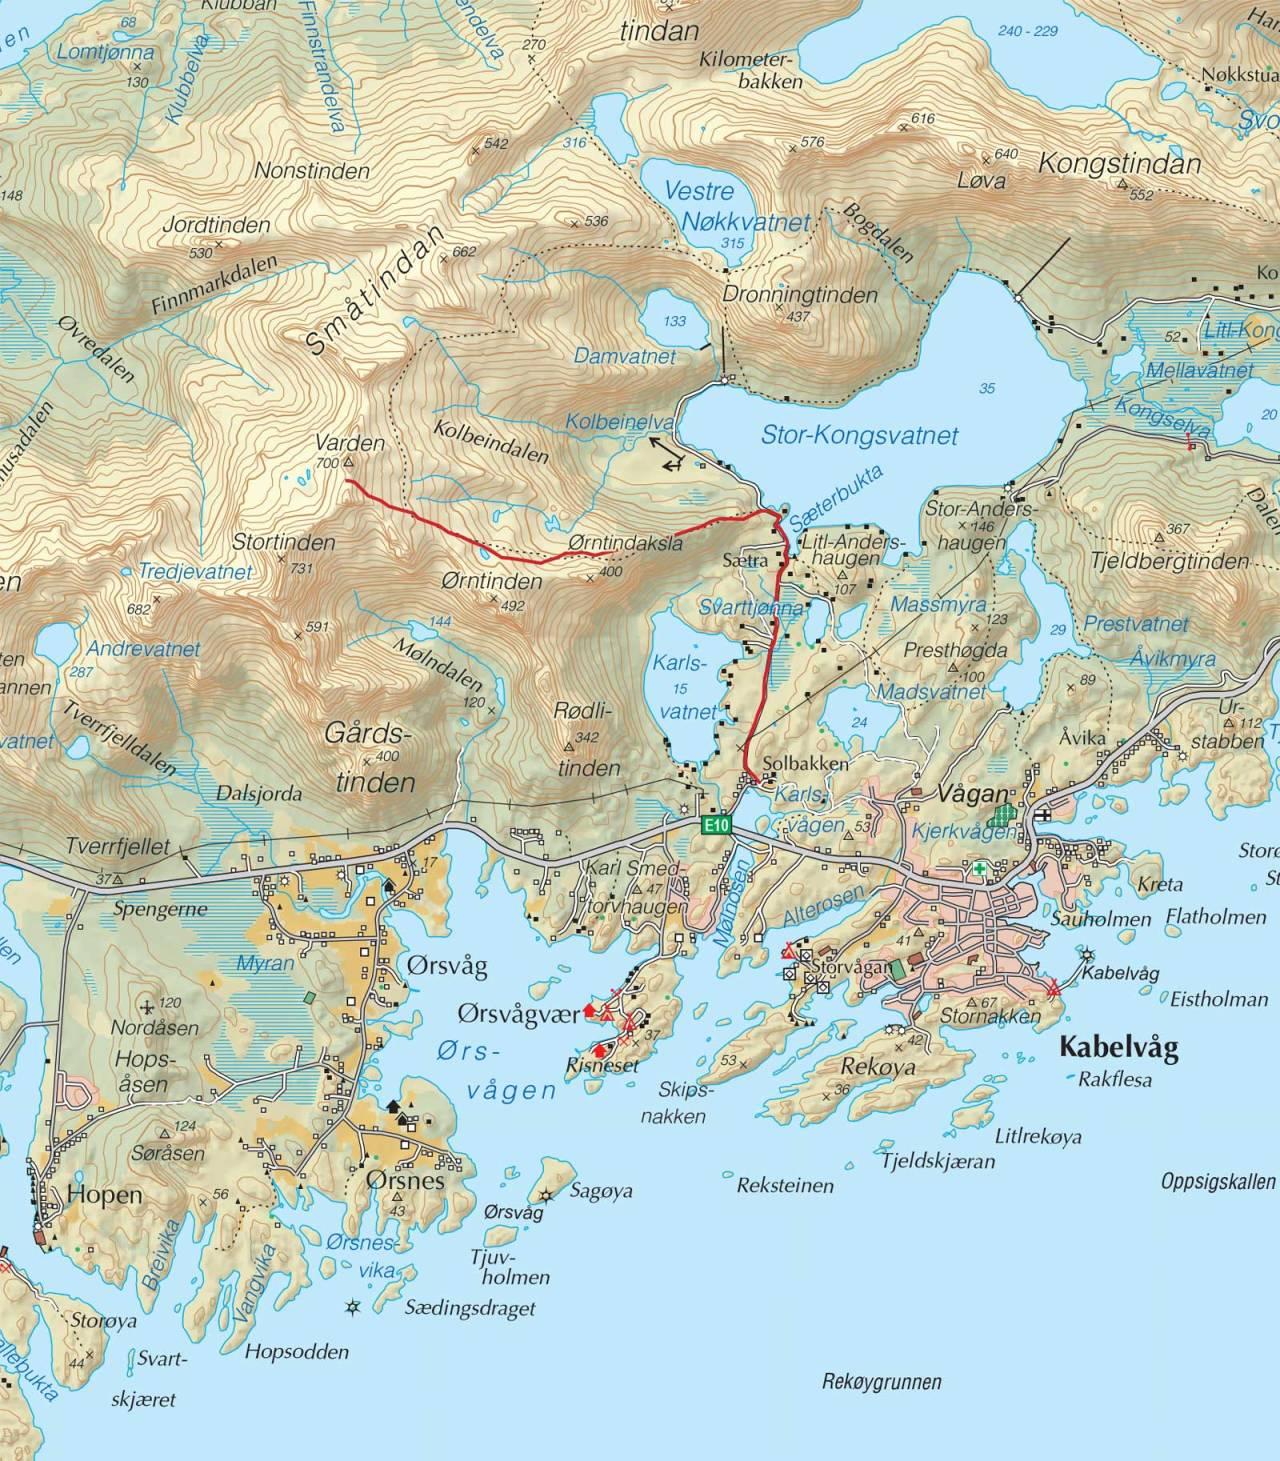 Kart over Varden,Småtindan med inntegnet rute. Fra Trygge toppturer.